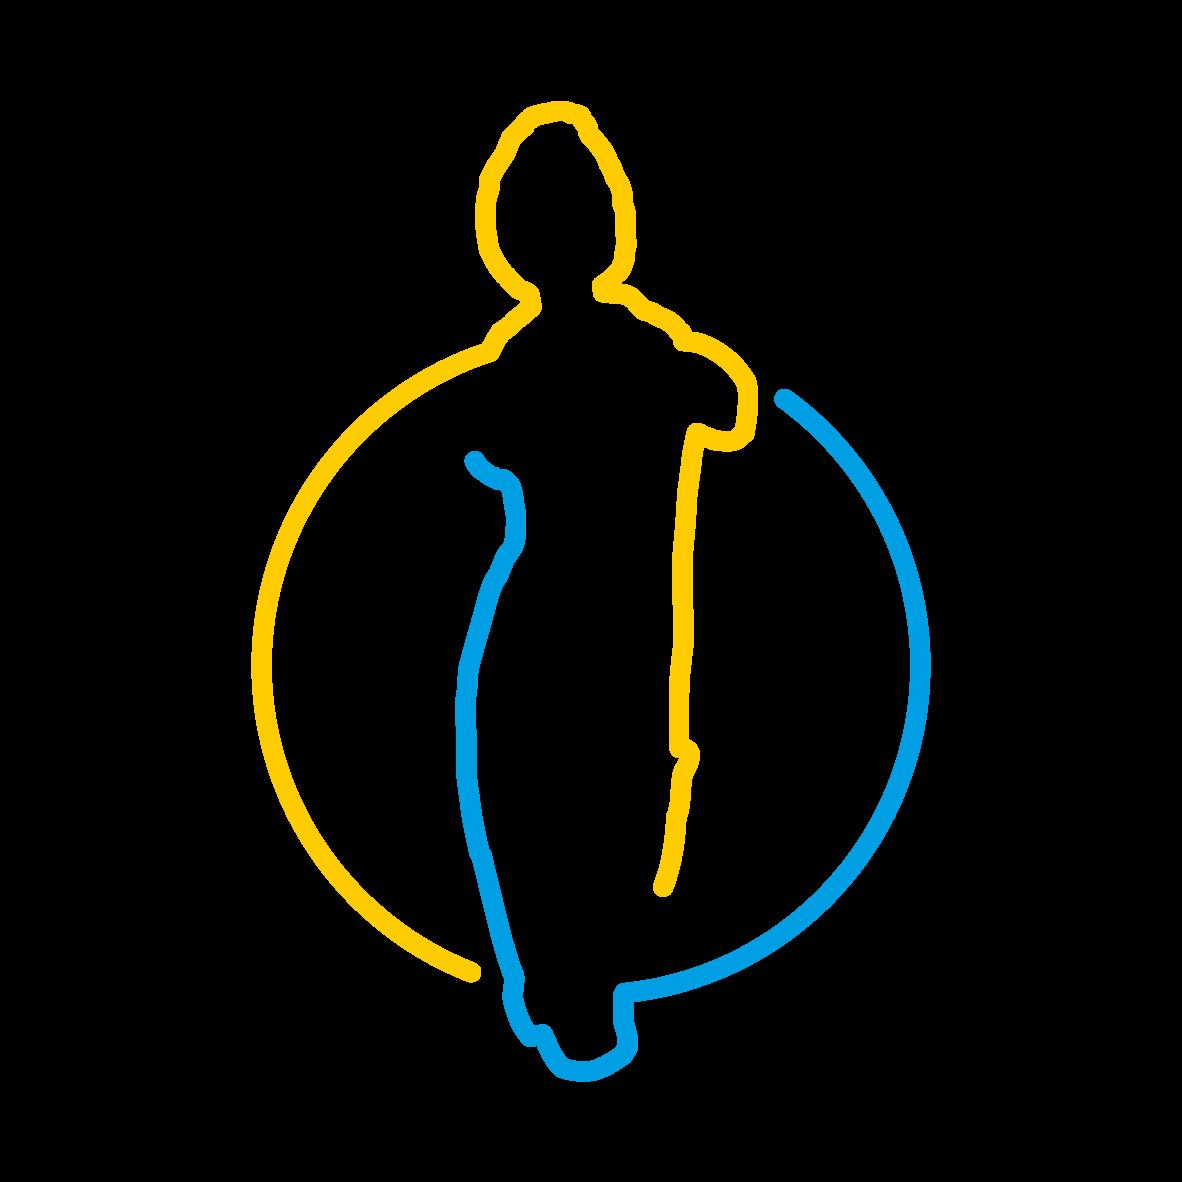 the island of cyprus logo presentation-08 - Copy